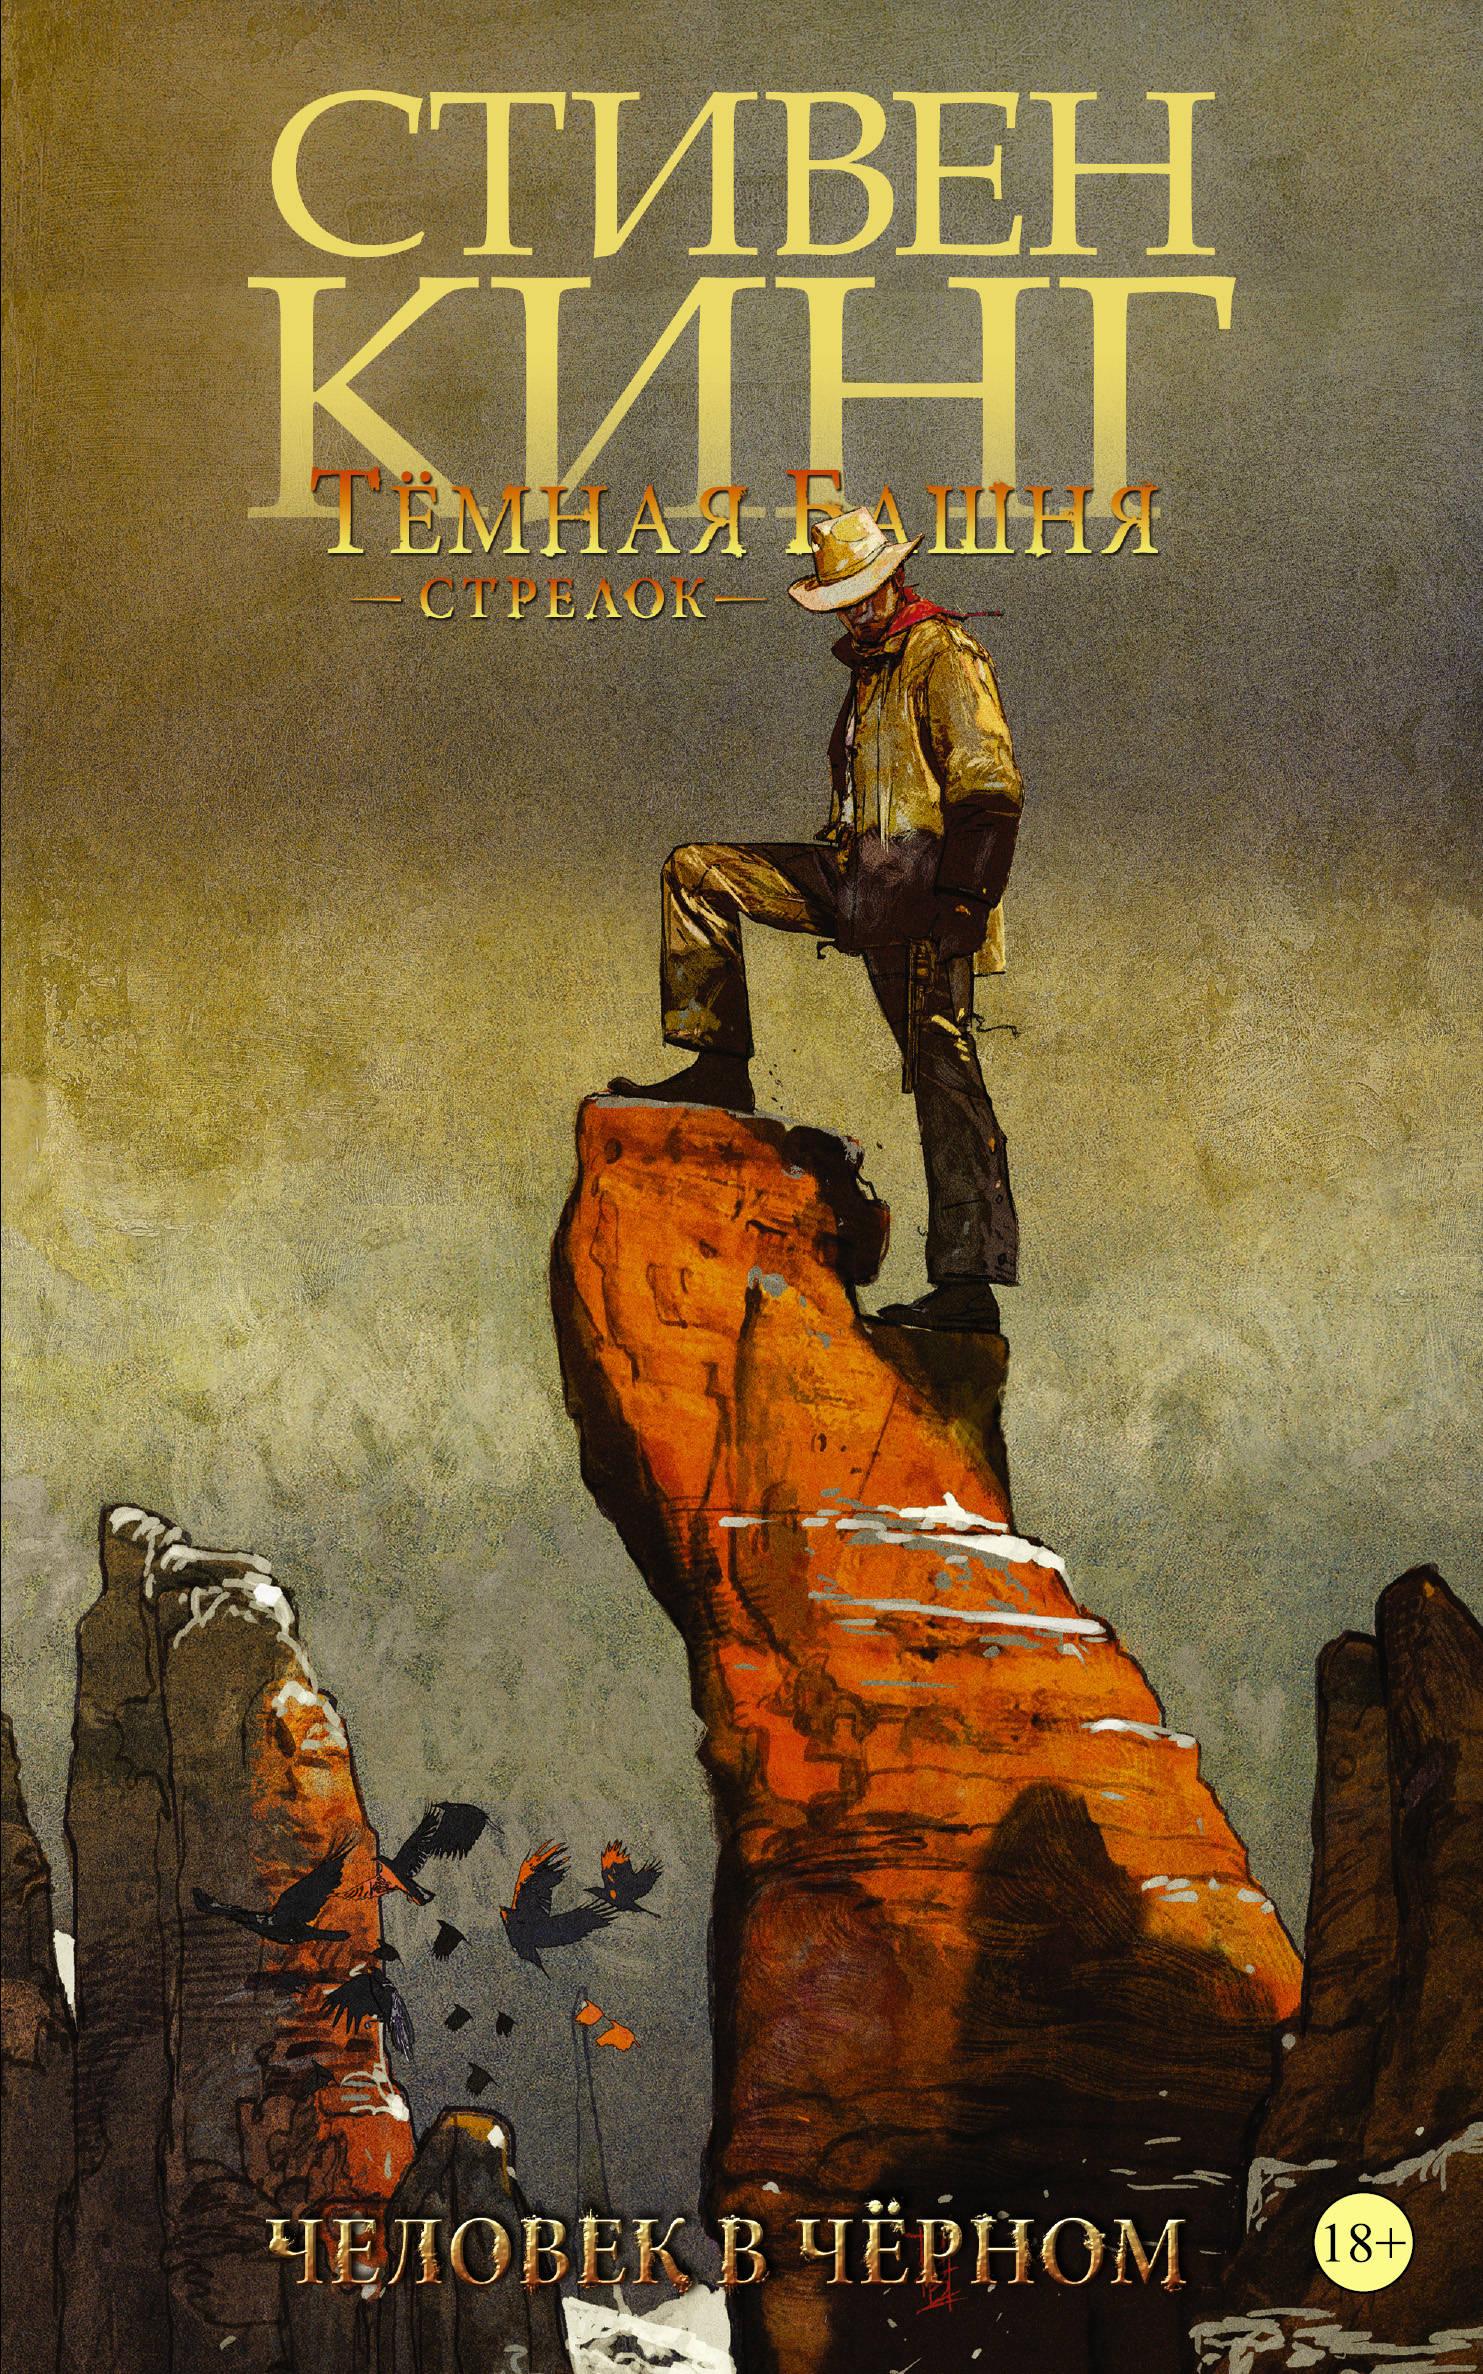 Стивен Кинг Тёмная башня: Стрелок. Книга 5. Человек в Чёрном фильтр boneco allergy filter а501